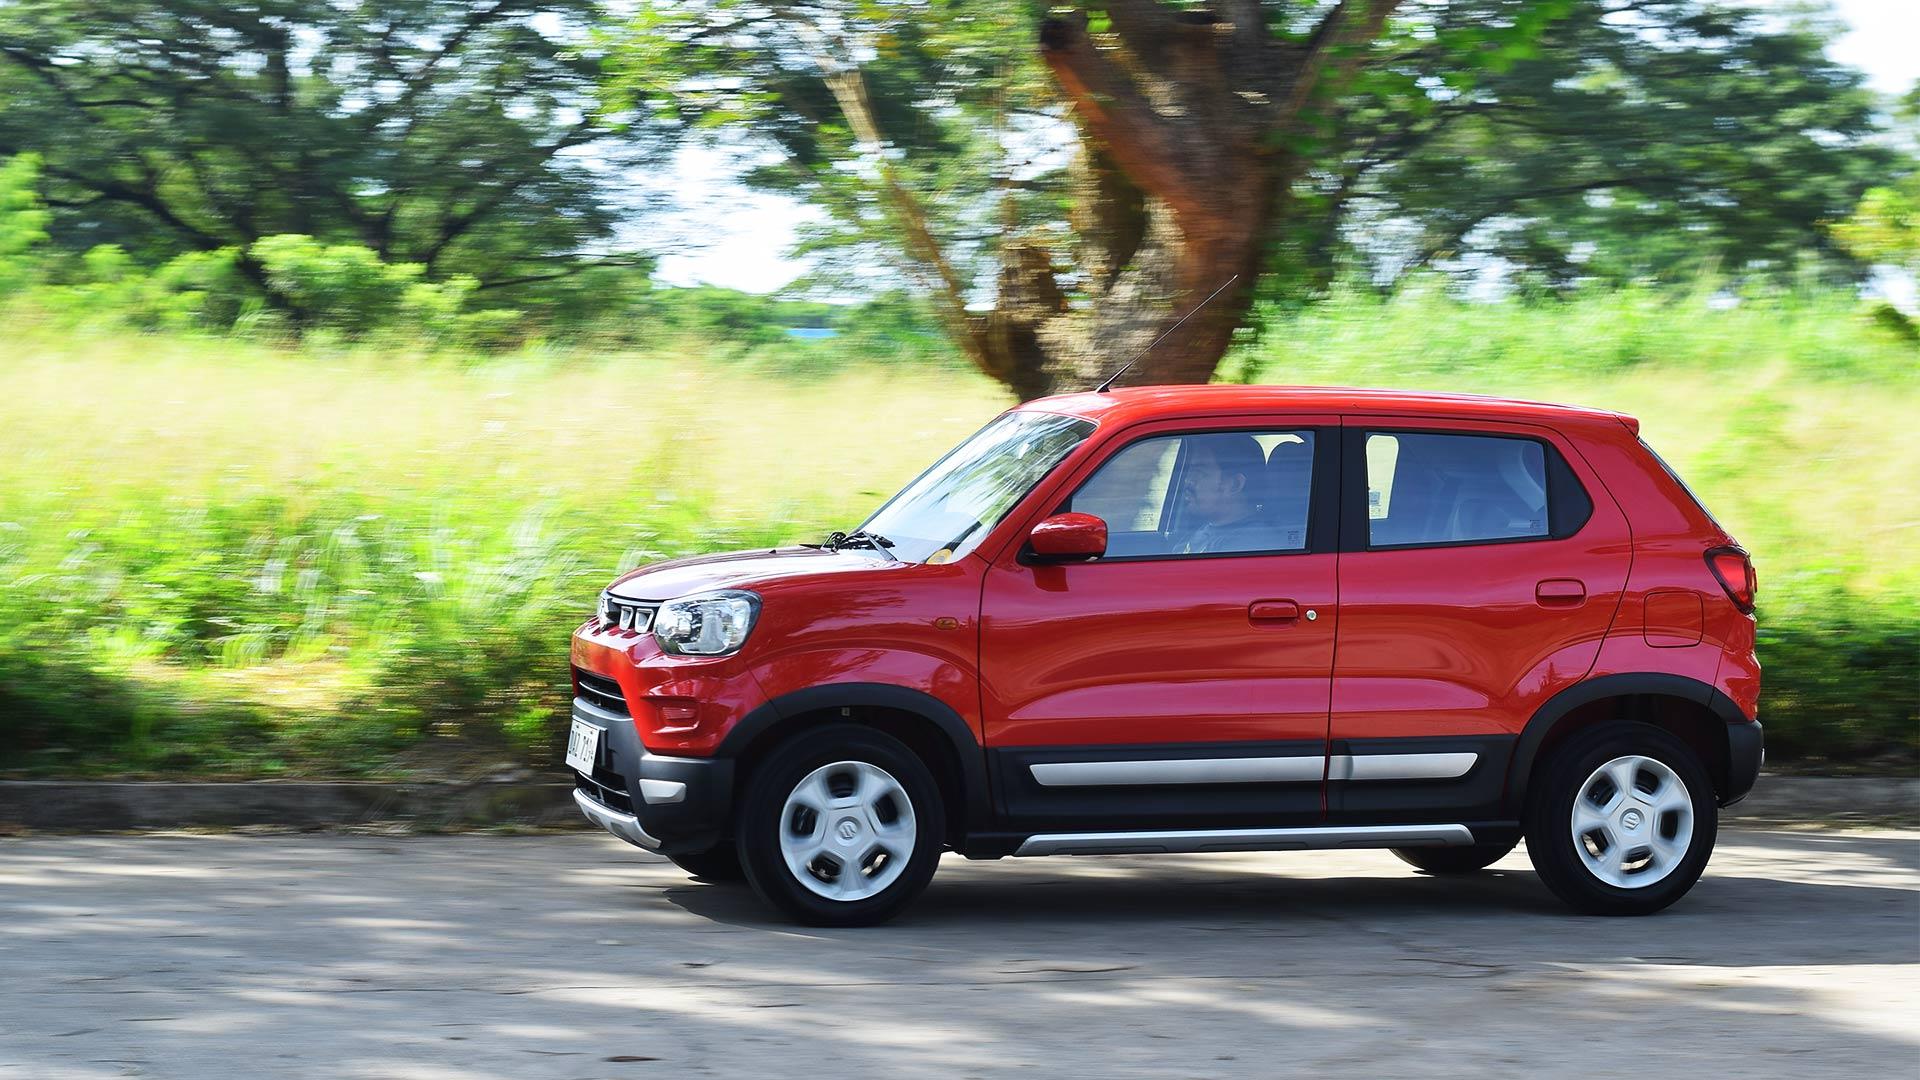 The Suzuki S-Presso profile